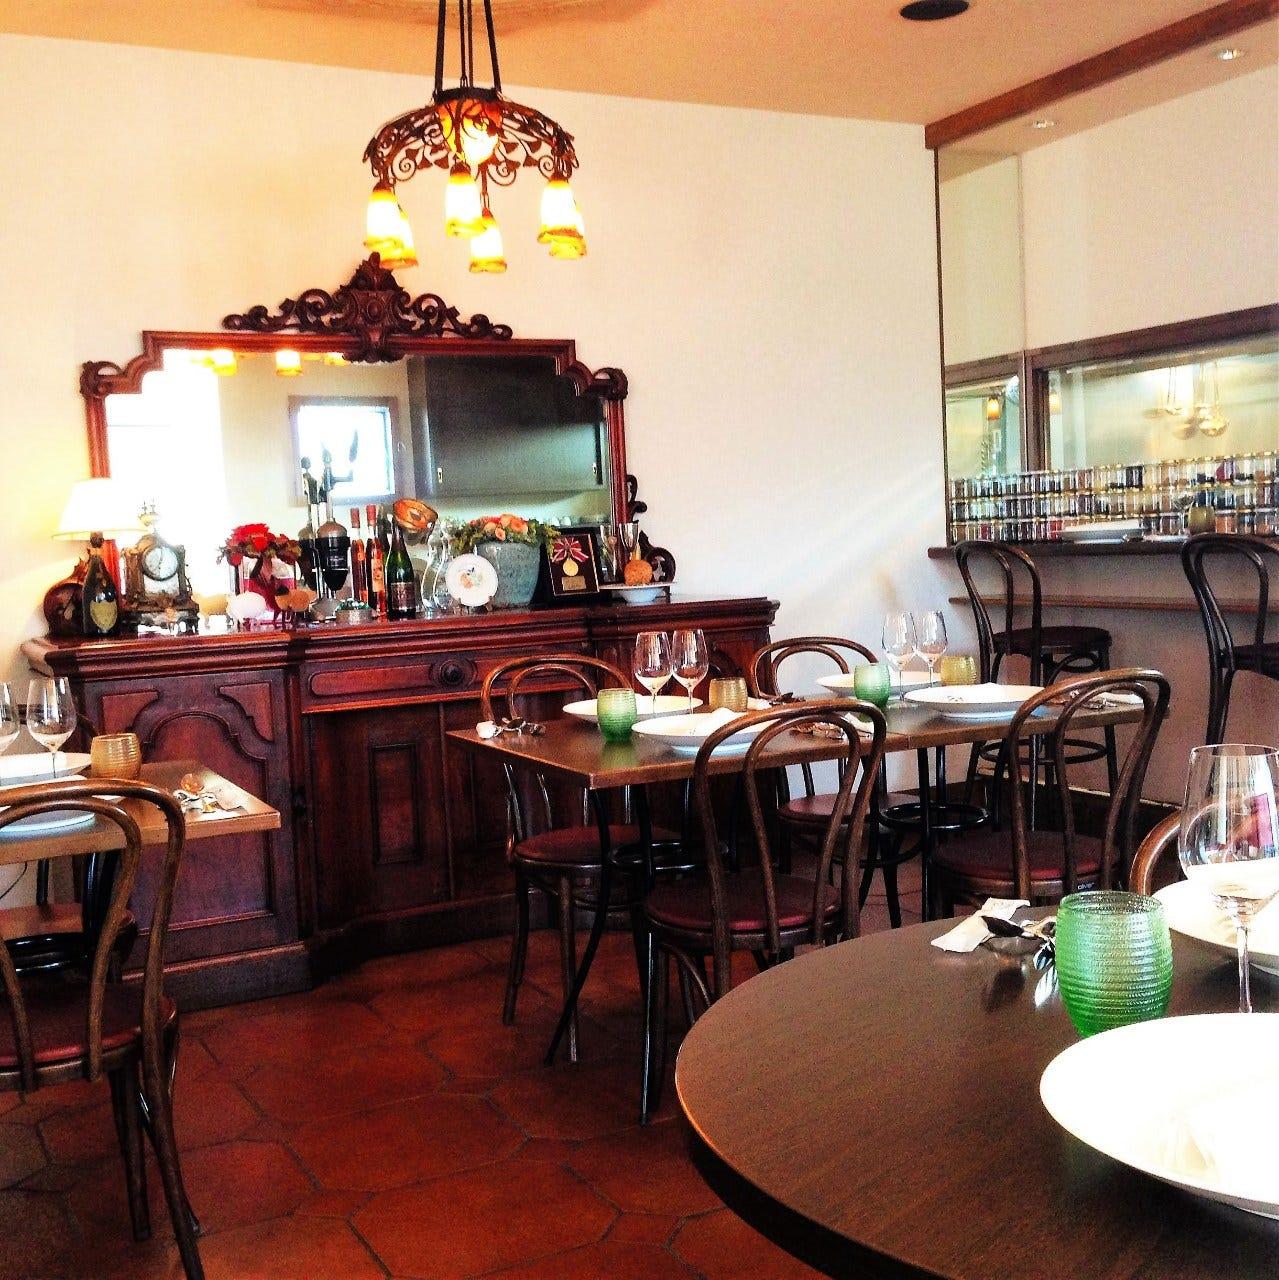 アンティーク家具と温かみのあるシャンデリア